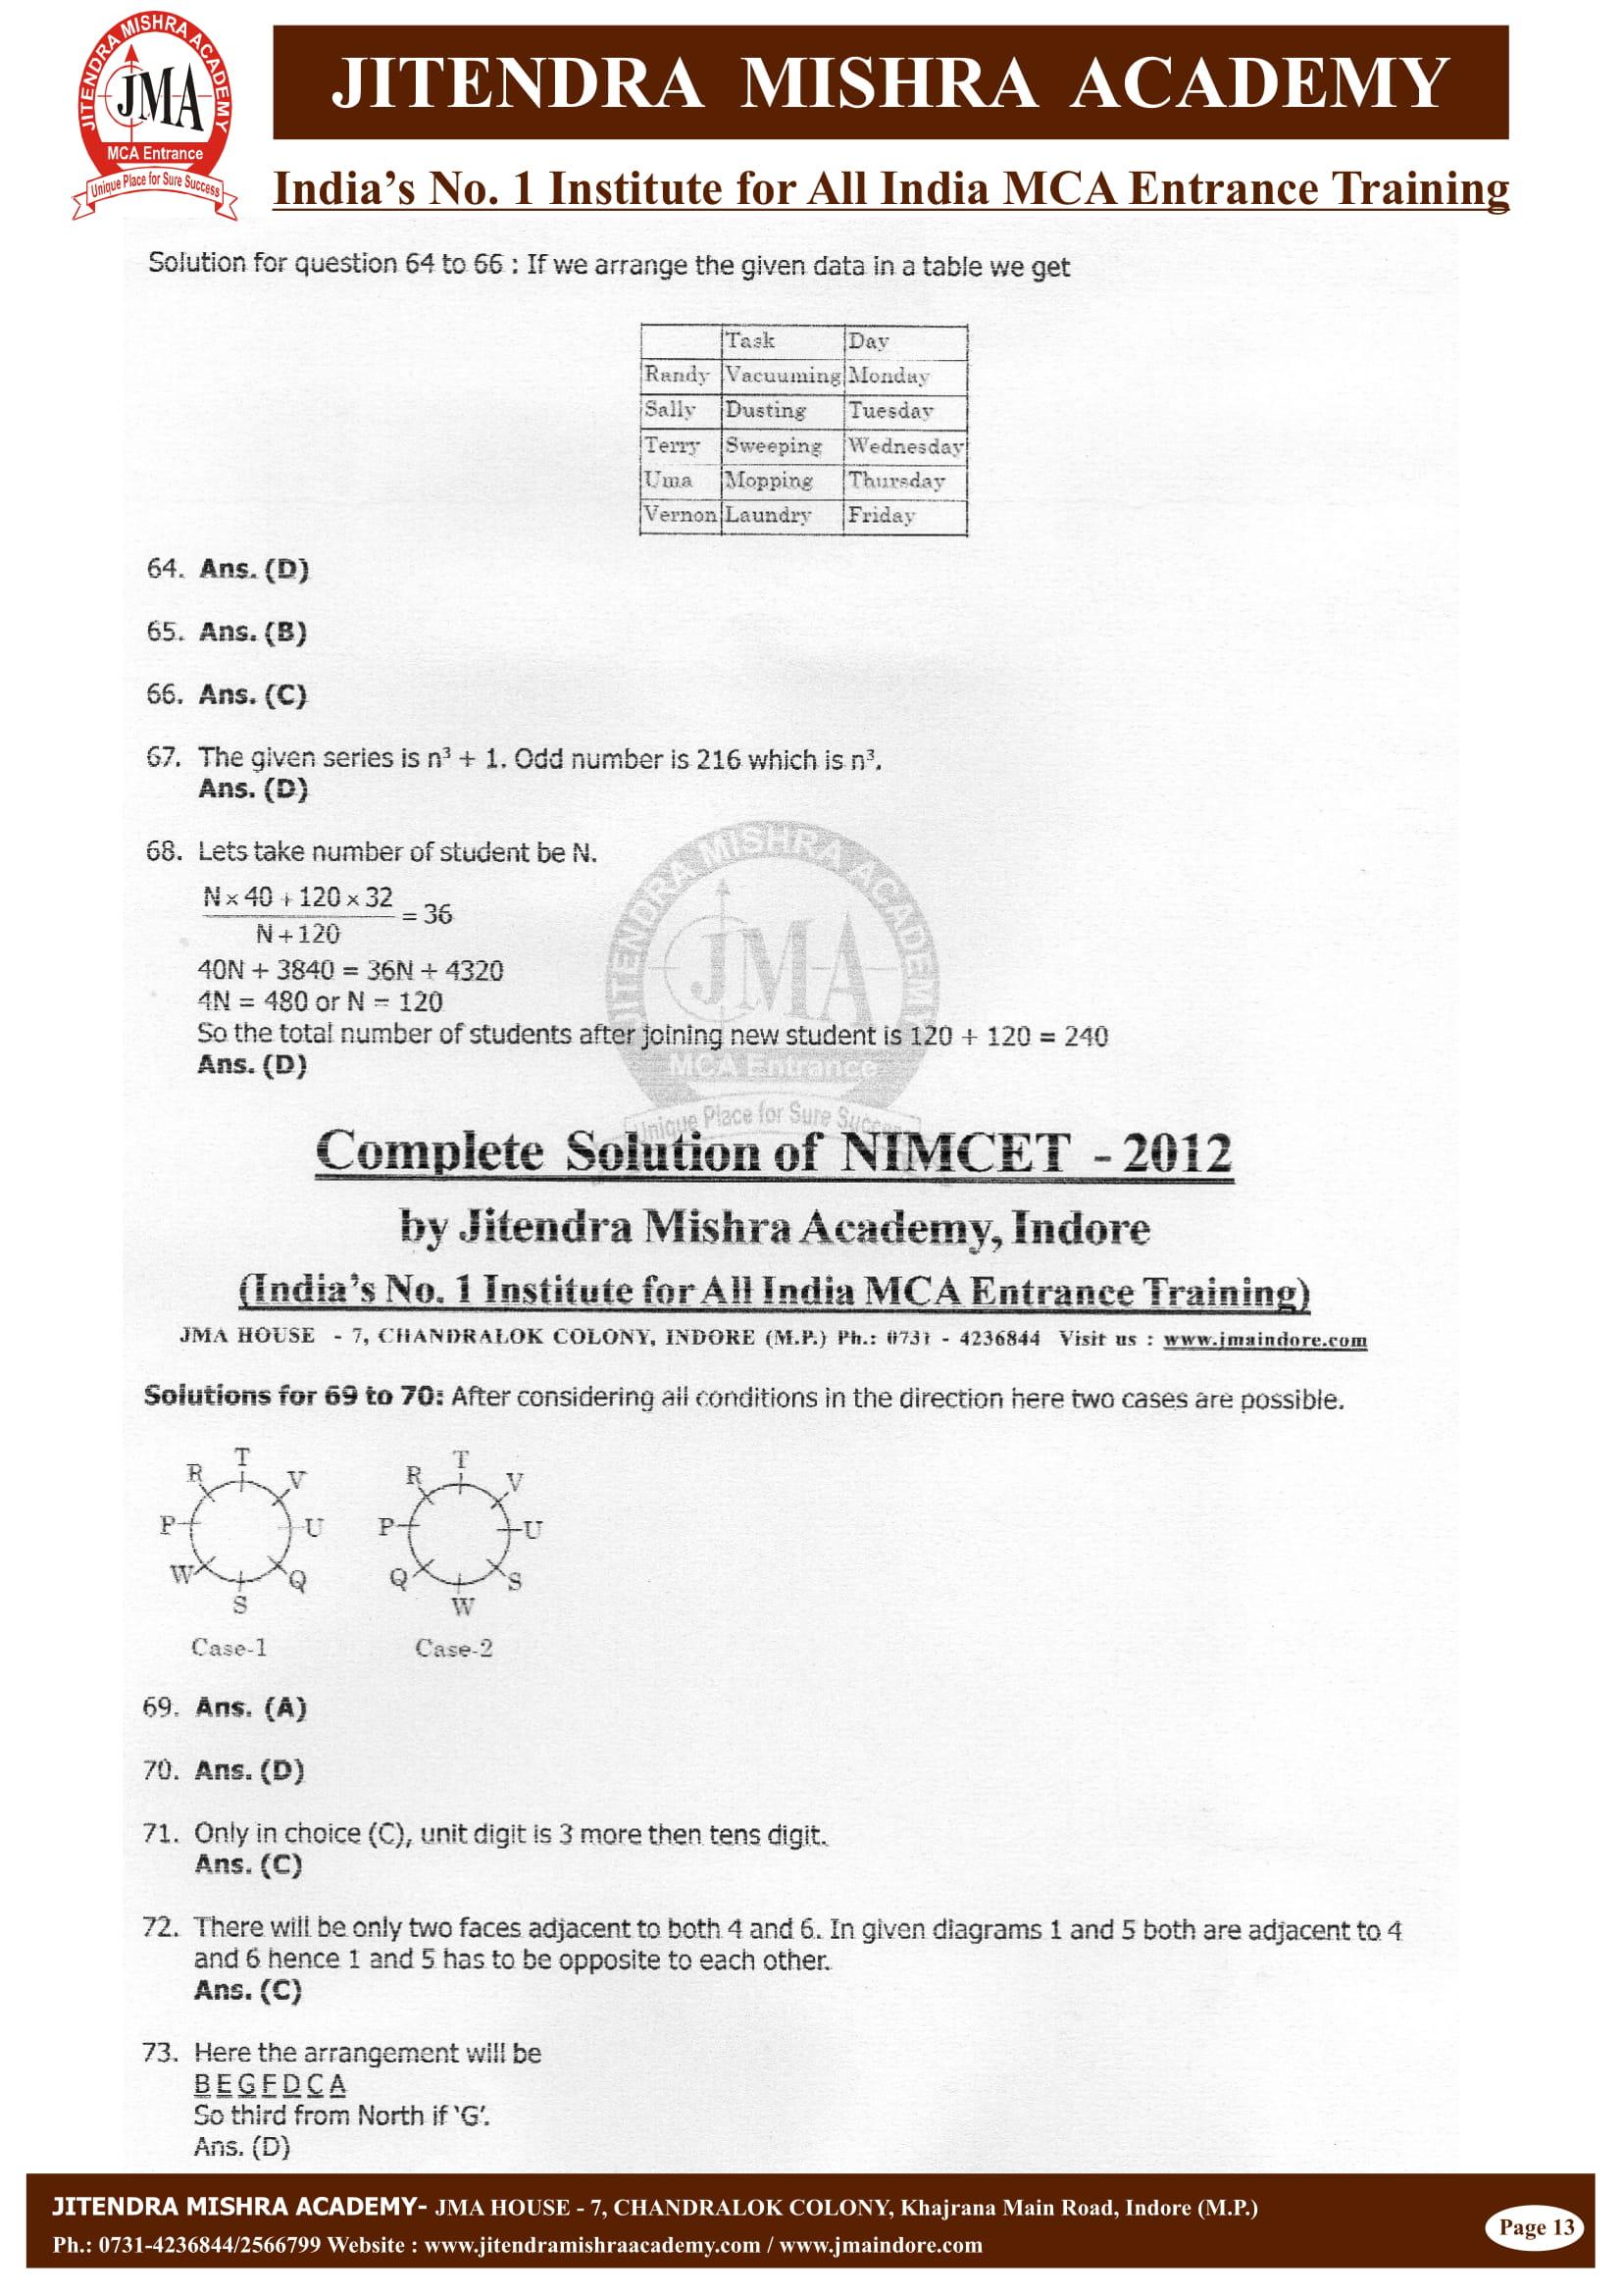 NIMCET - 2012 (SOLUTION)-13